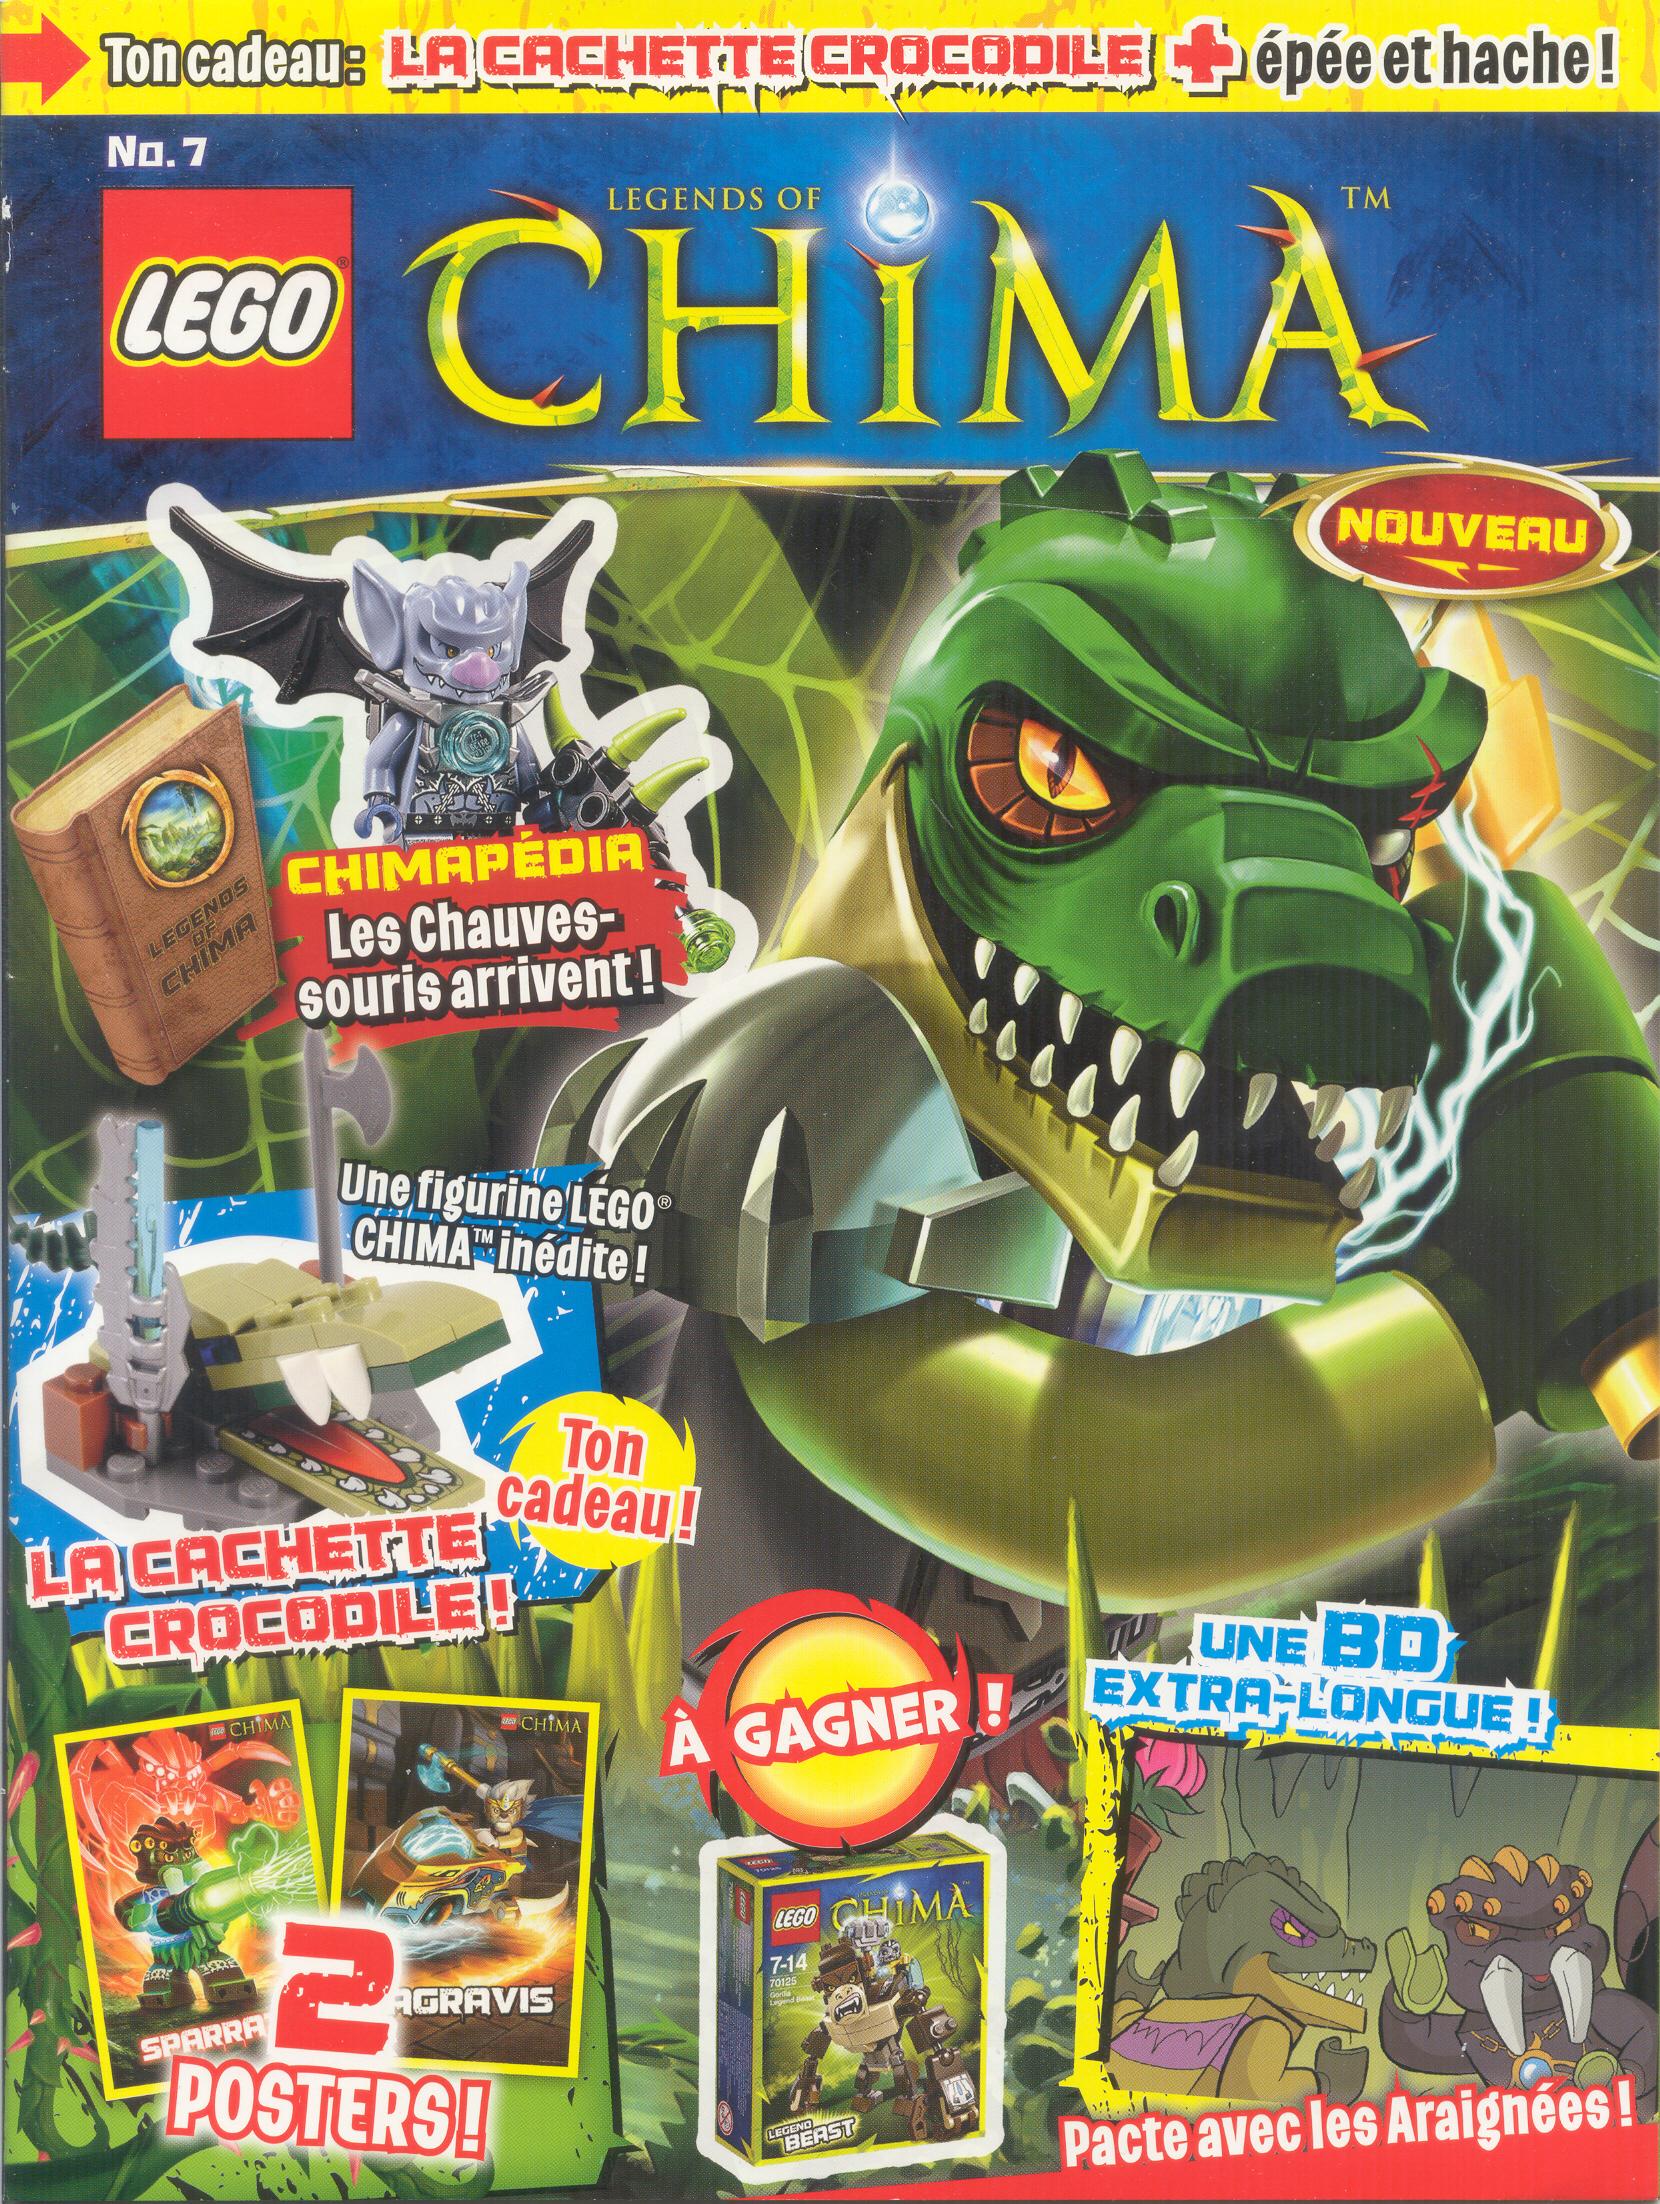 Lego chima 7 wiki lego fandom powered by wikia - Image de lego chima ...